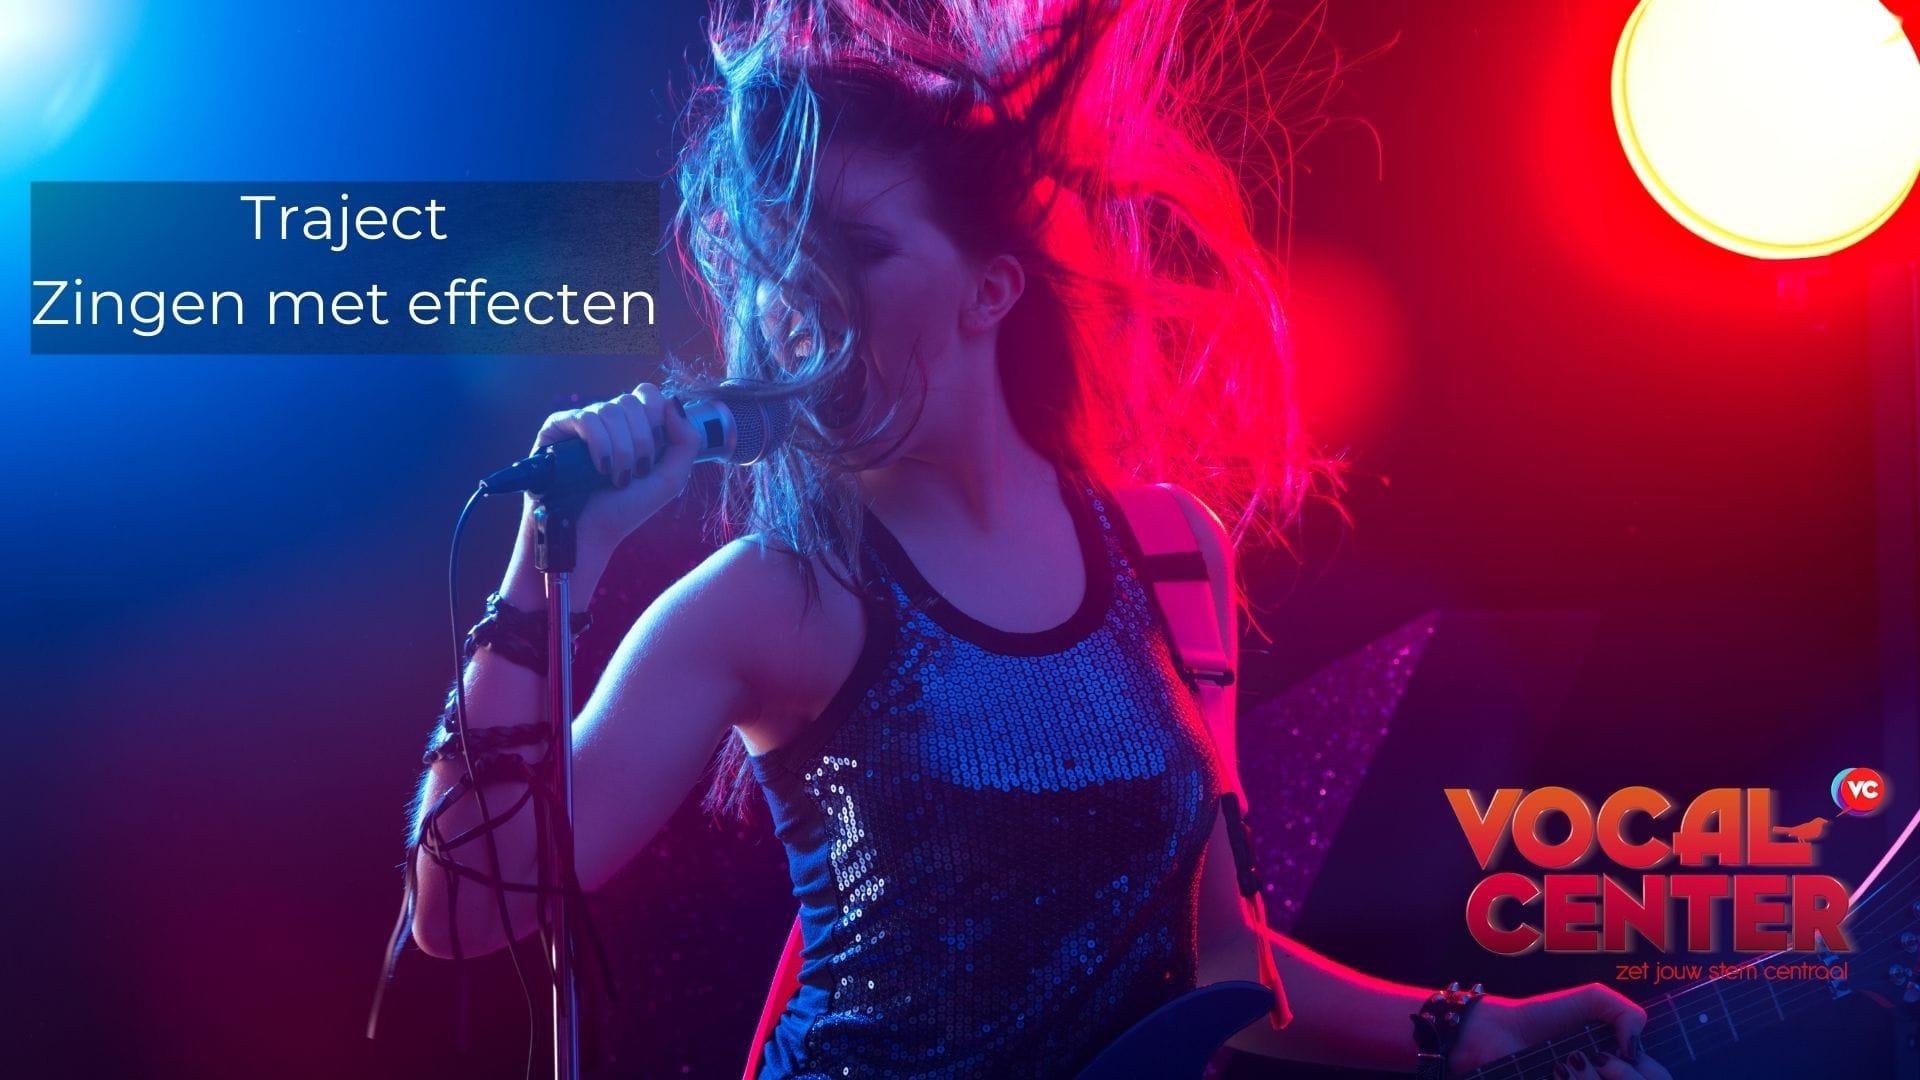 Zingen meyt distortion of een ander effect kan hier bij een individuele zangles